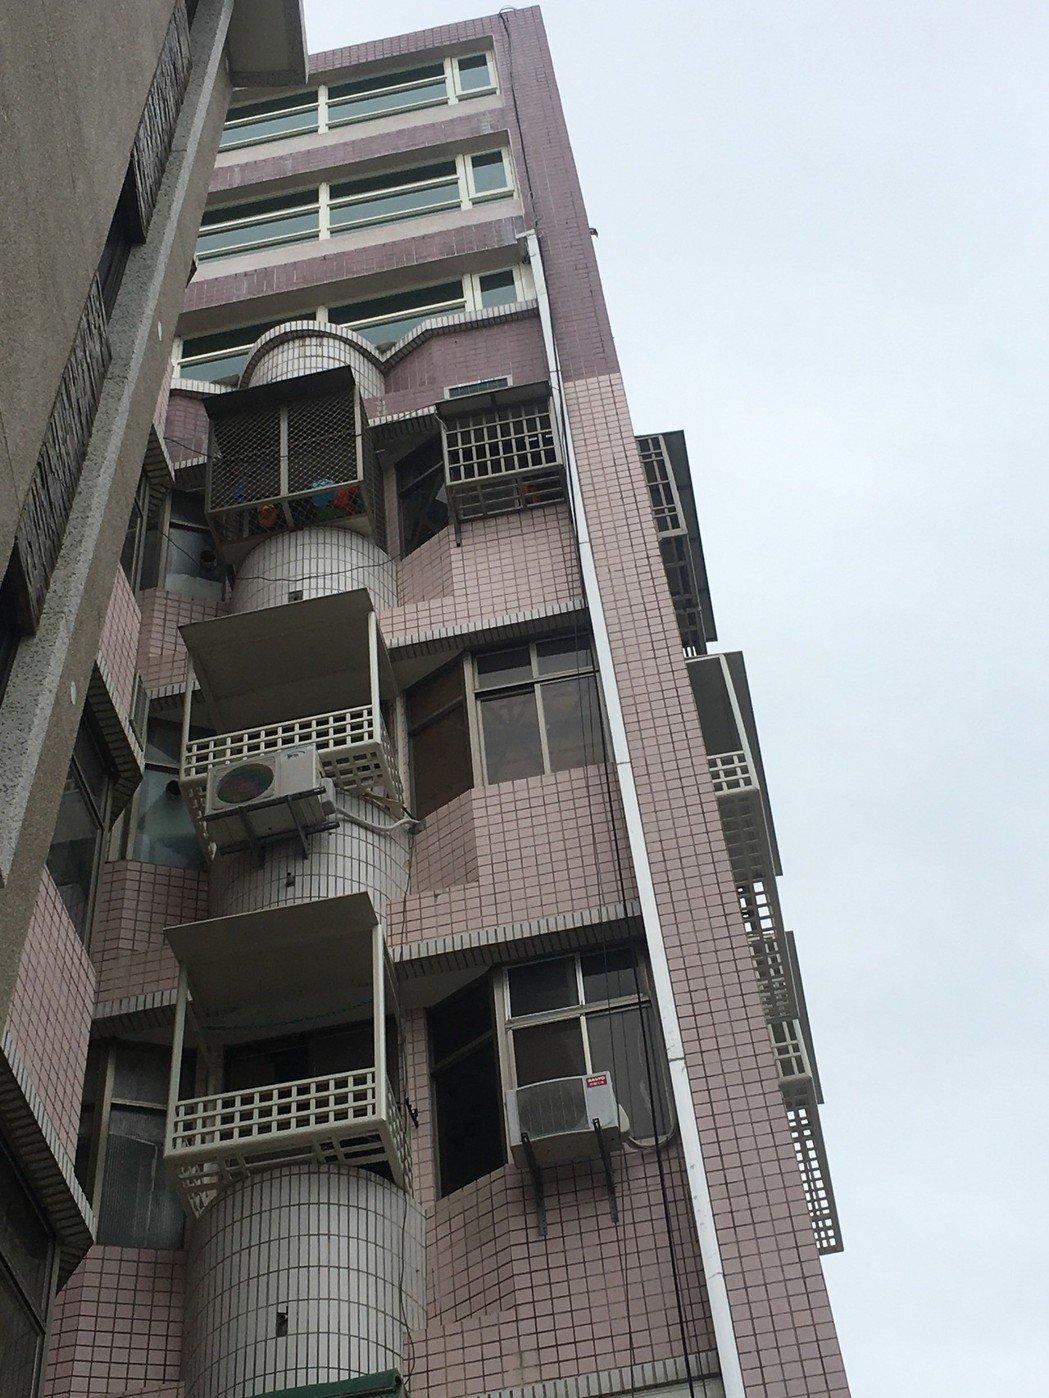 大樓最上層三樓外牆顏色不同,明顯是加蓋。記者李承穎/攝影